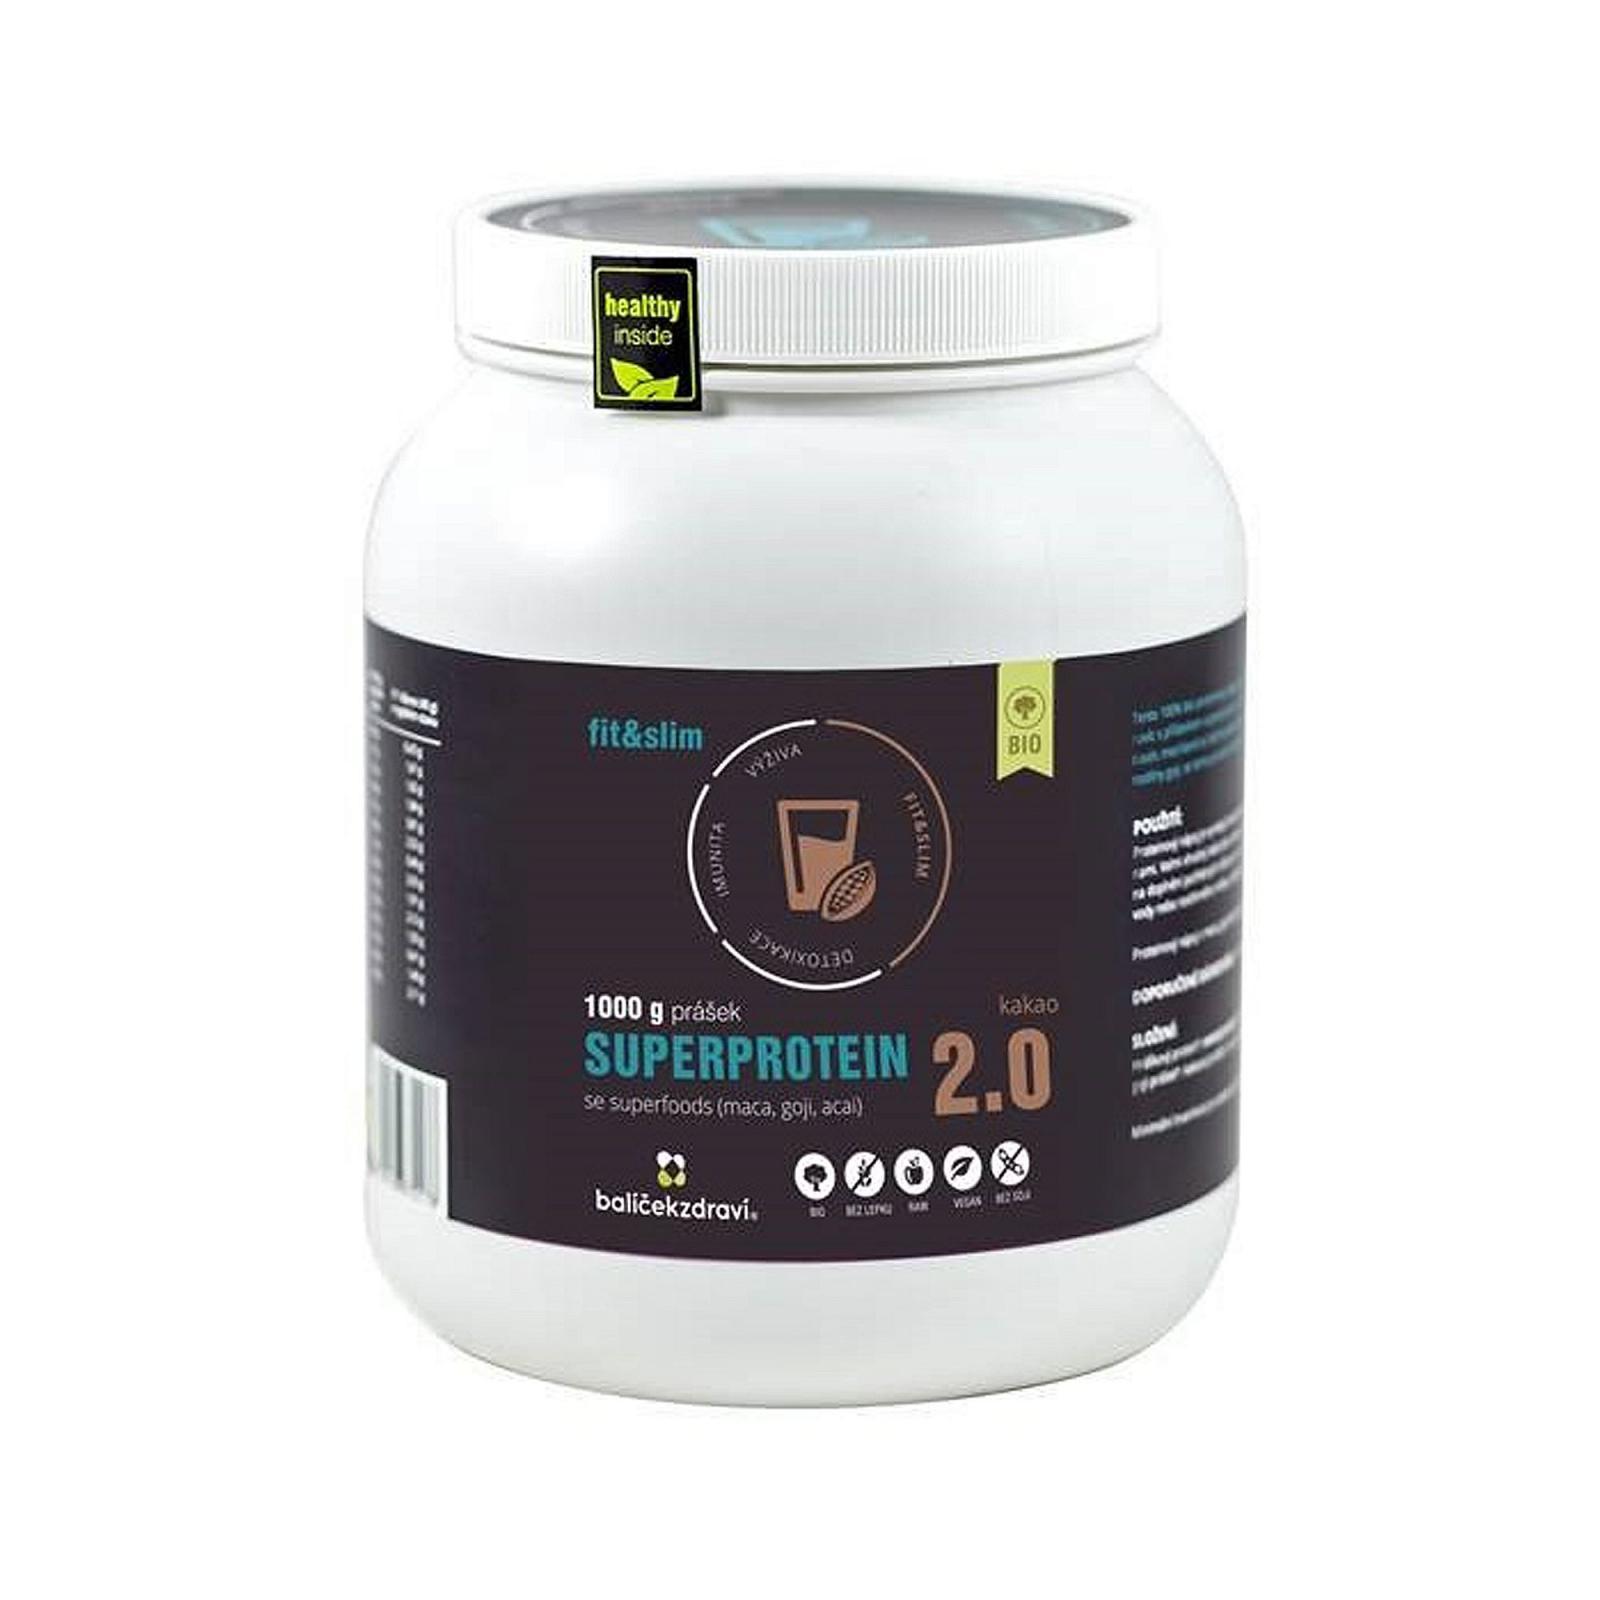 Balíček zdraví Superprotein se superfoods, kakao, bio 1 kg